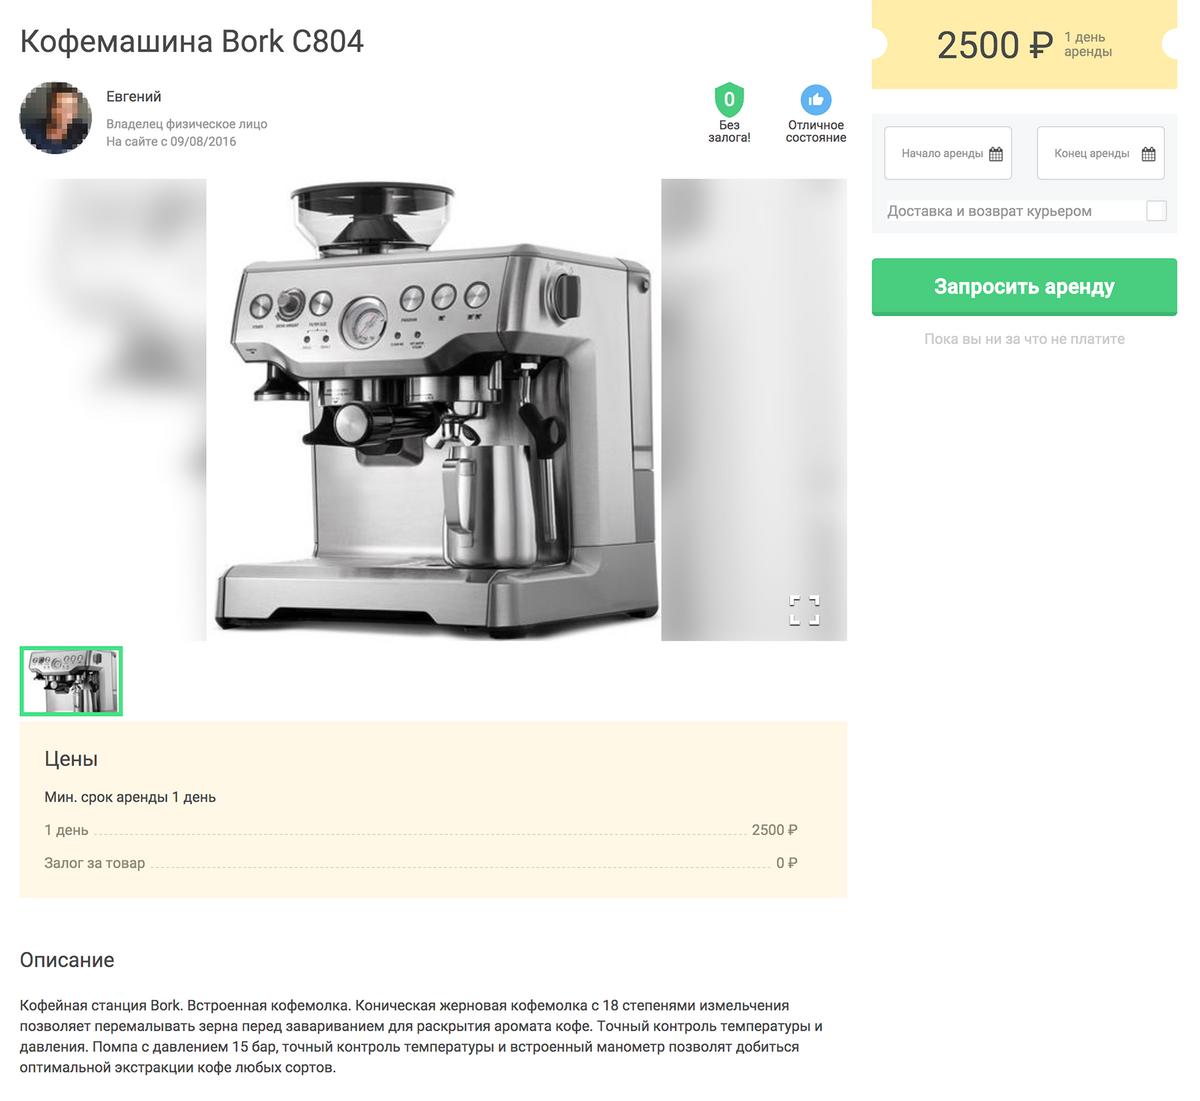 Кофемашину сдают в аренду за 2500<span class=ruble>Р</span> в день. В интернет-магазине «Борк» эта модель стоит 68 800<span class=ruble>Р</span>